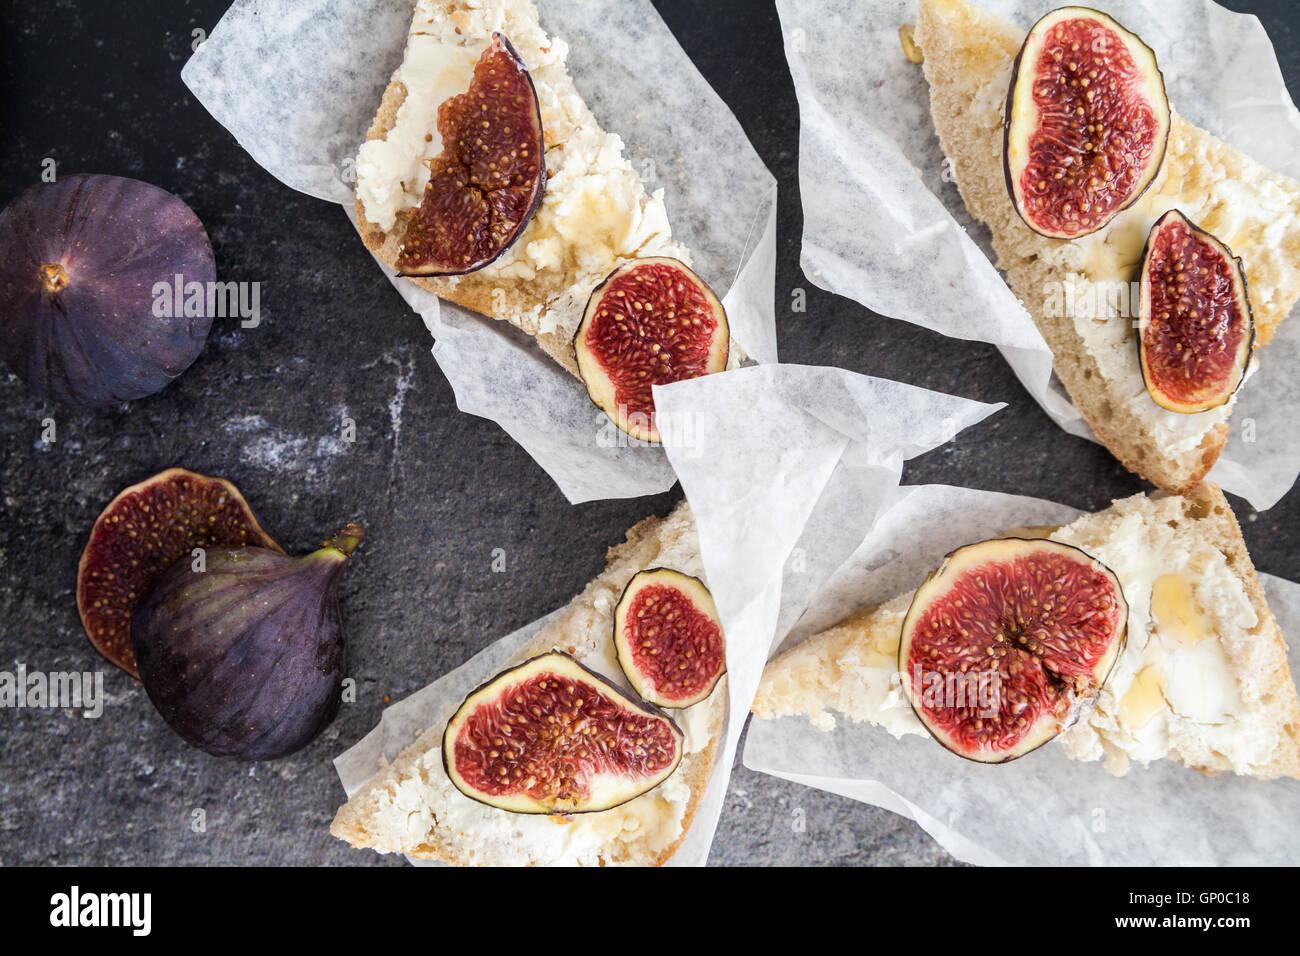 Costini de queso de cabra con higos frescos Imagen De Stock